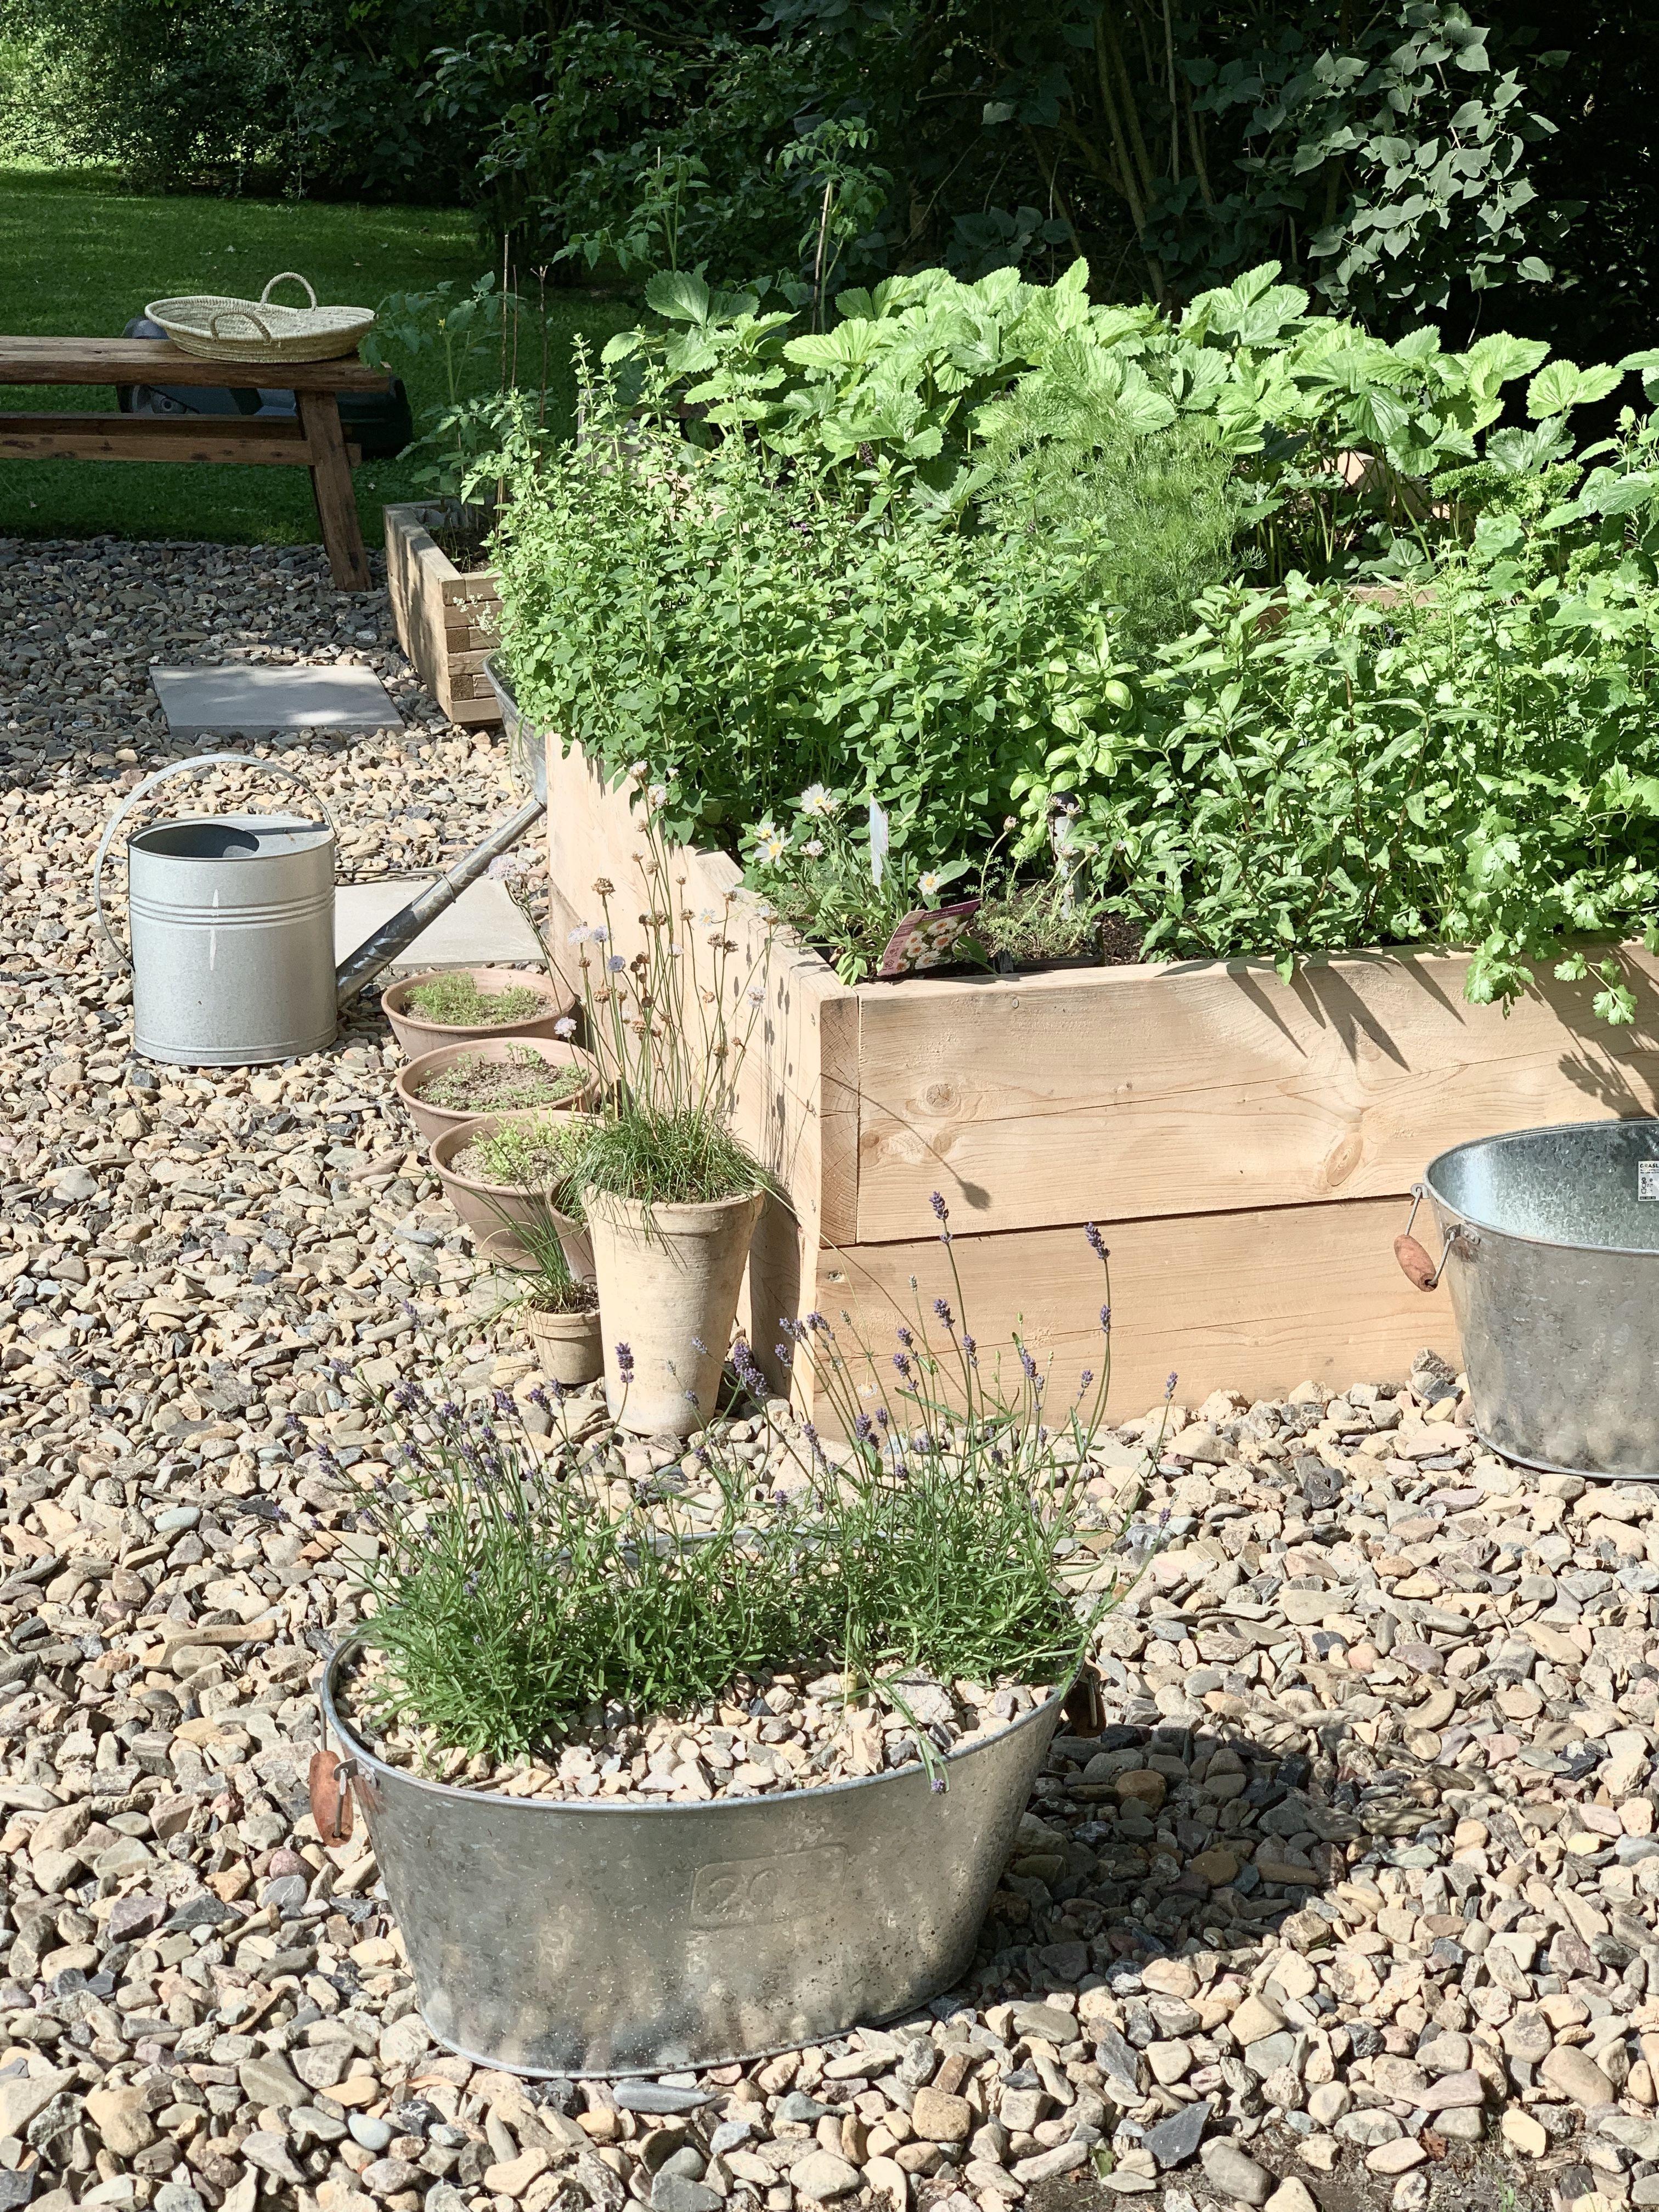 Hochbeet Anlegen In 2020 Bluhende Pflanzen Gartenprojekte Pflanzen